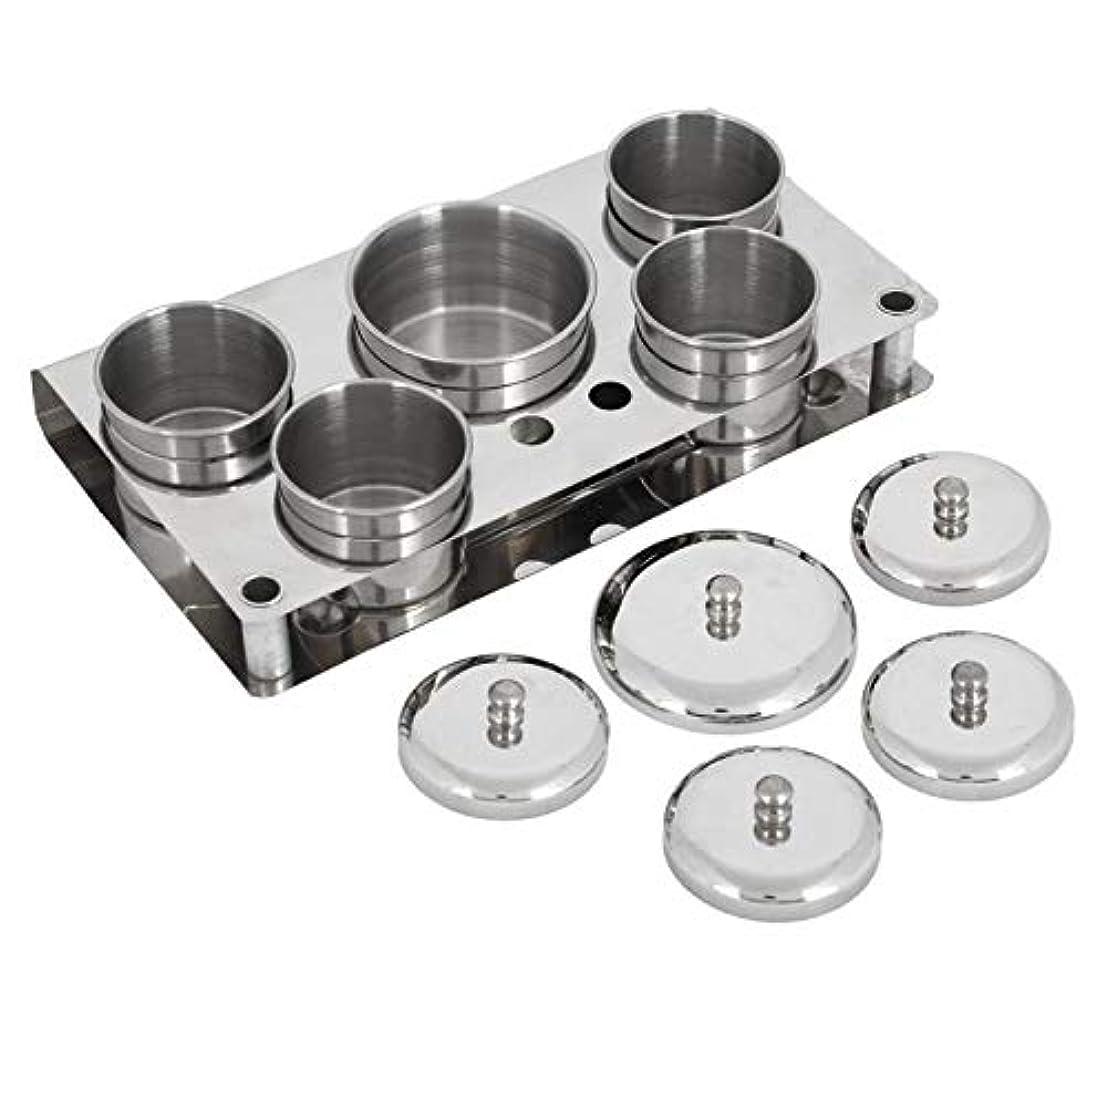 銅困惑するうれしいSODIAL 5個、ステンレススチール、ネイルアートのミニパウダー&リキッドの設置缶、収納ボックス、コンパクトなマニキュアツール、消毒滅菌ボックス